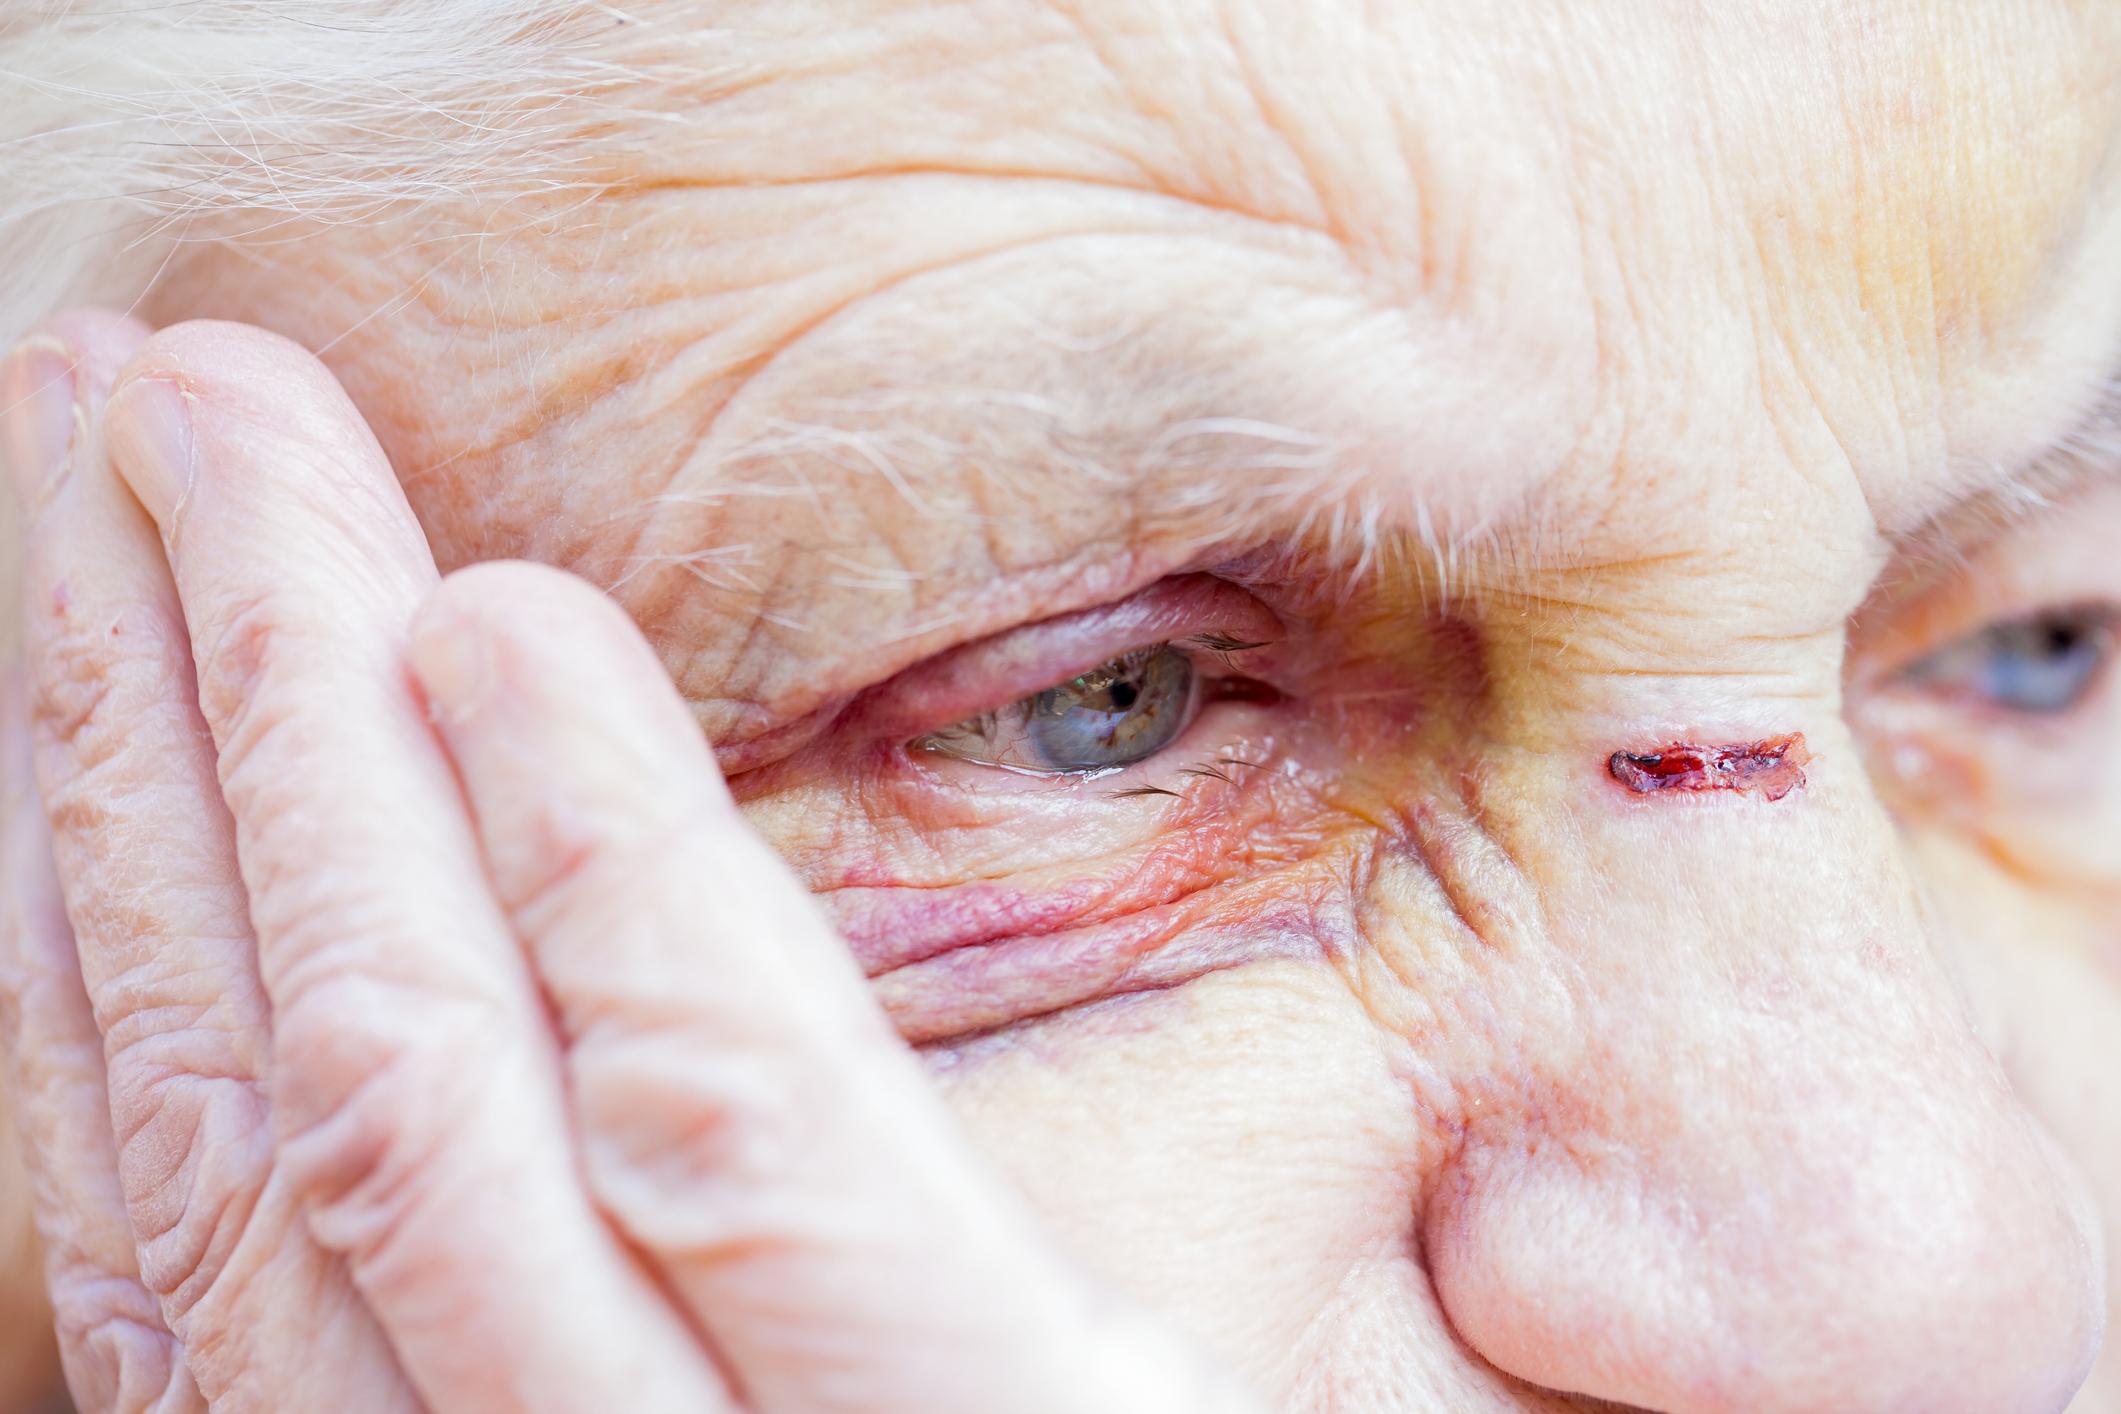 Photo of במקום לטפל היא איימה ותקפה: משטרת רמת גן עצרה עובדת זרה בחשד לתקיפת קשיש בן 85